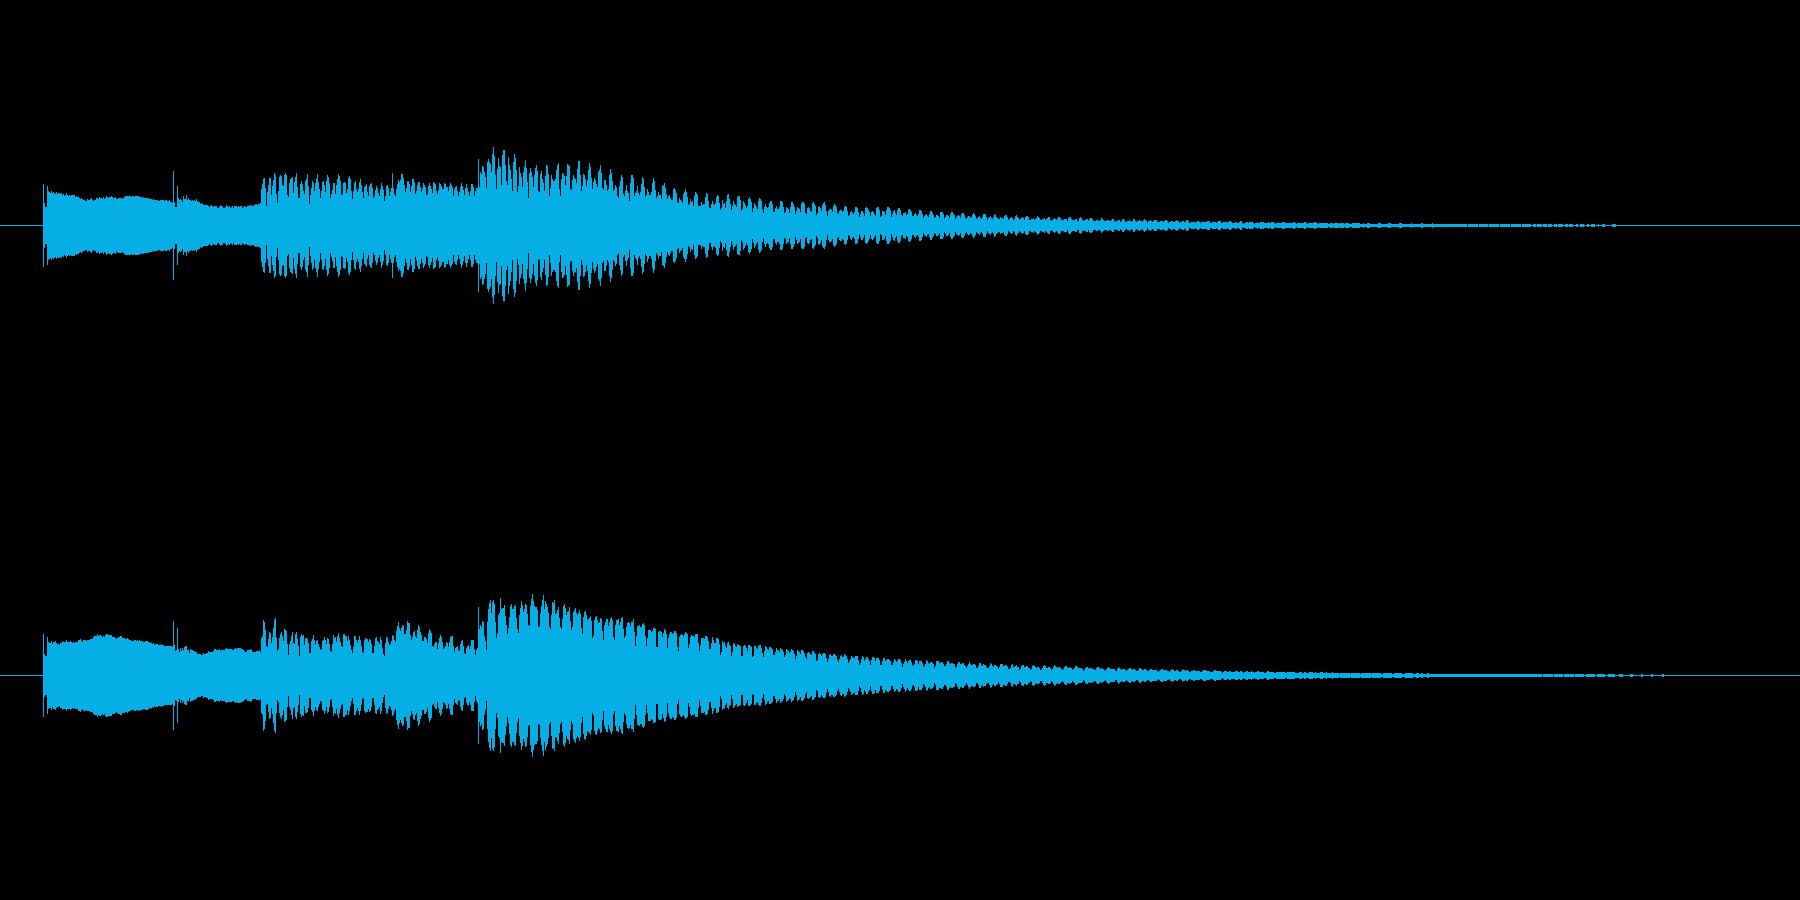 テーテ トート テンの再生済みの波形